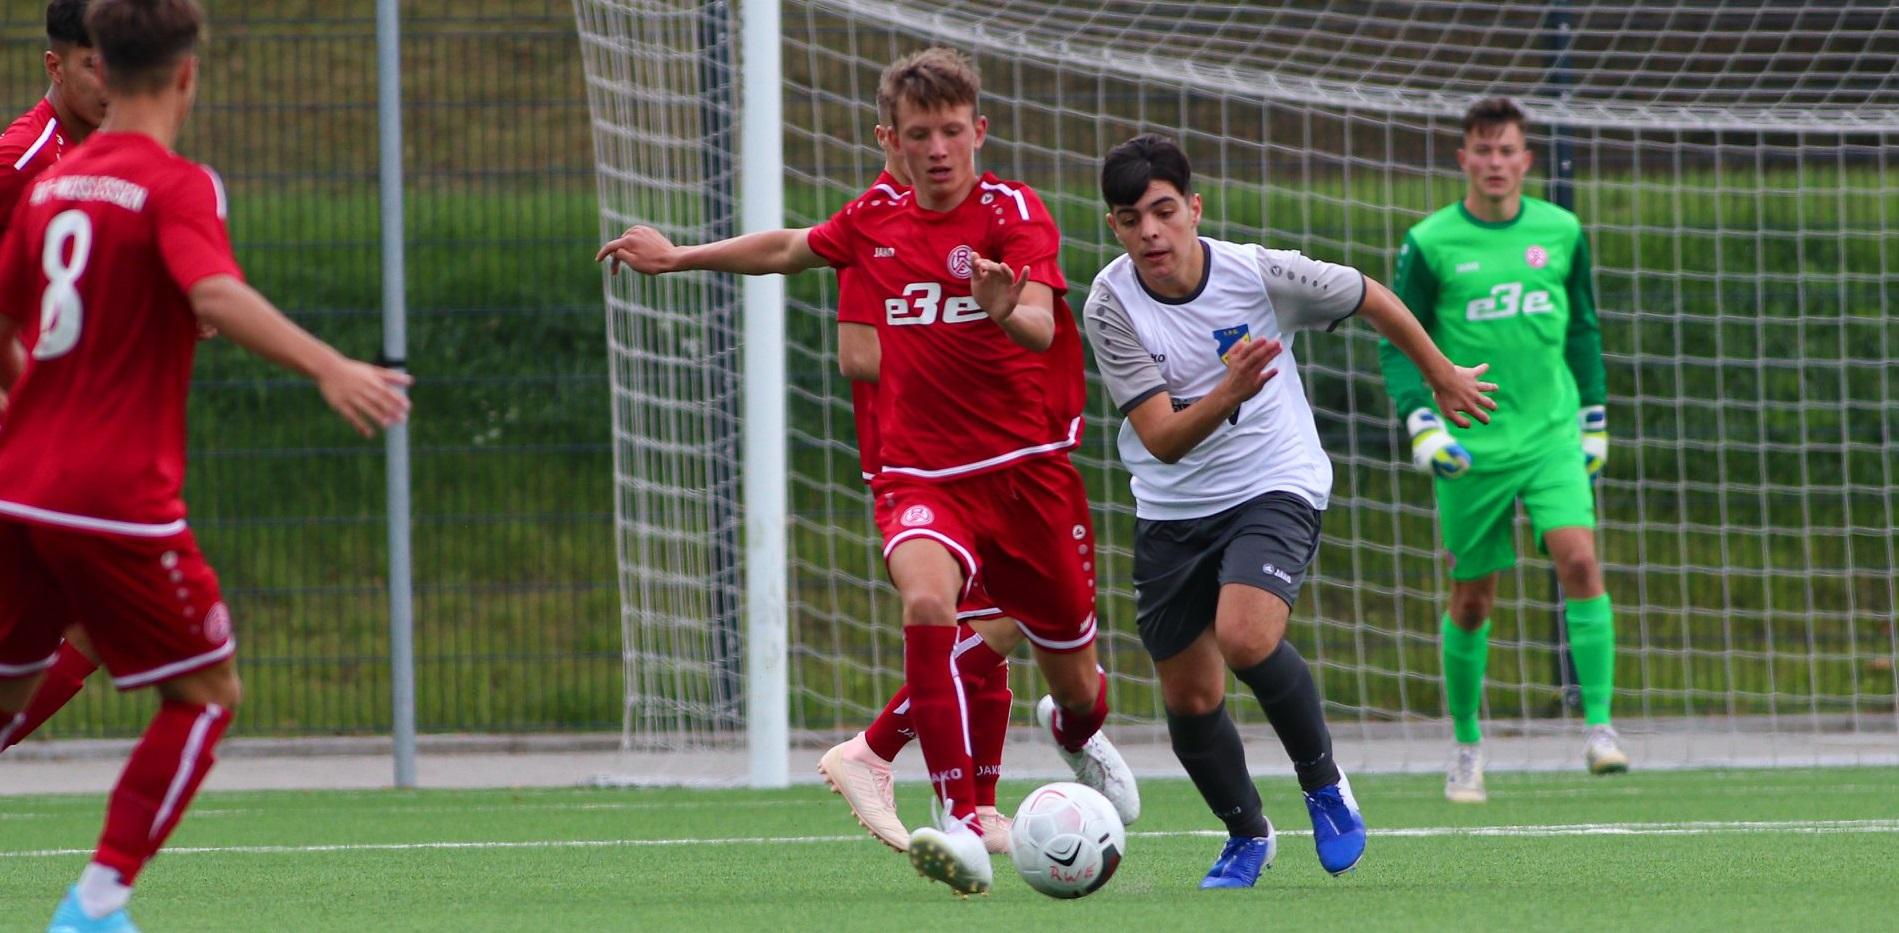 Rot-Weiss Essen trifft auf den SC Croatia Mühlheim. (Foto: Breilmannswiese)